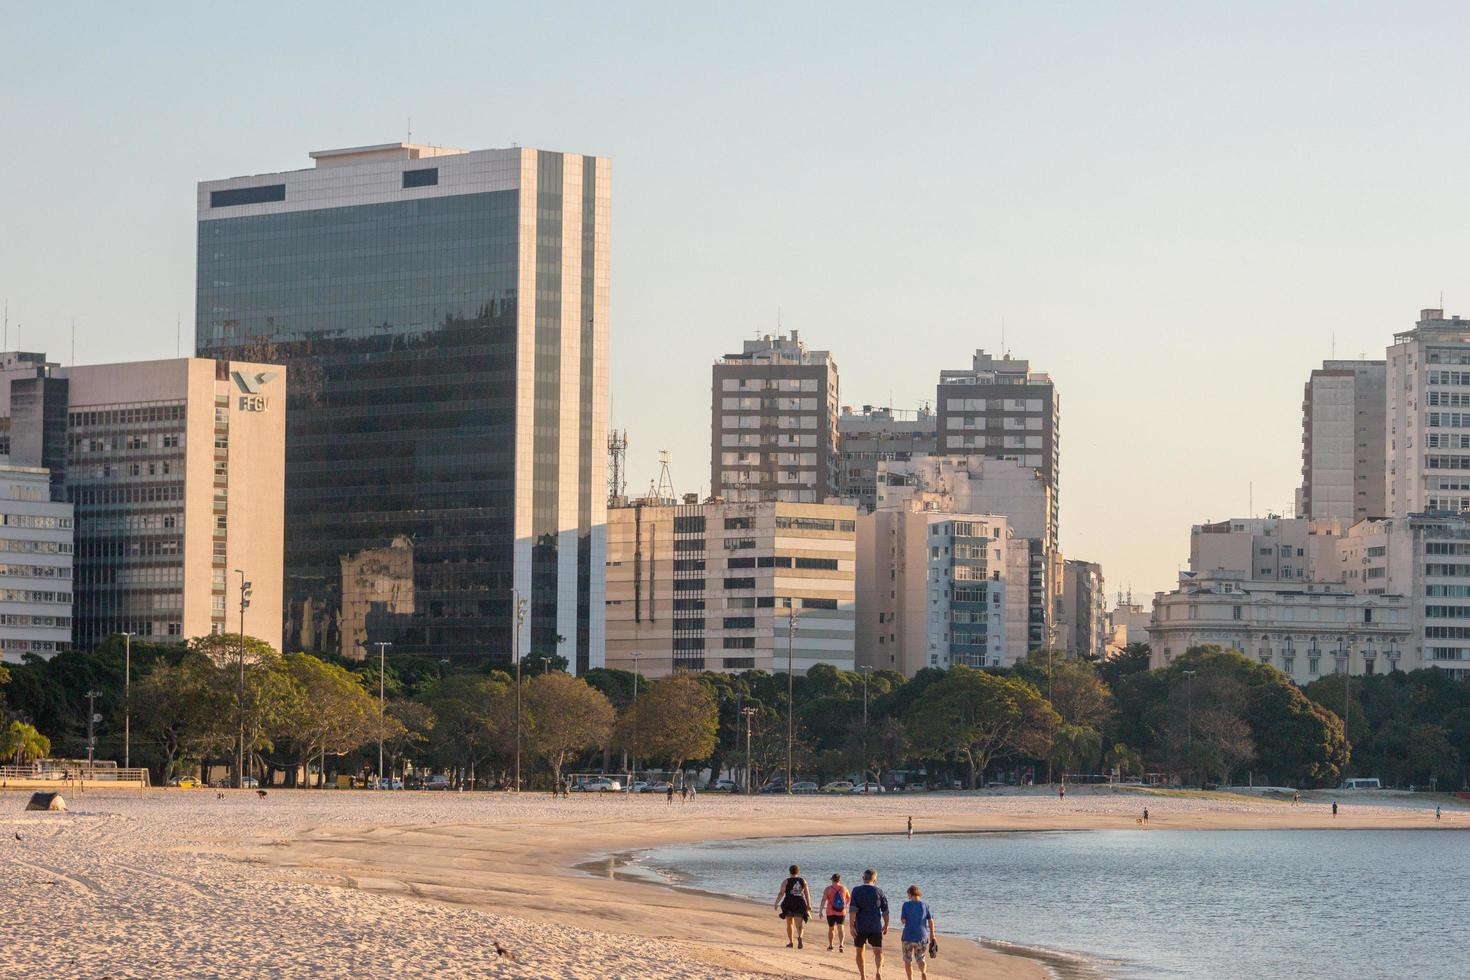 rio de janeiro, brasilien, 2015 - botafogo strandblick foto